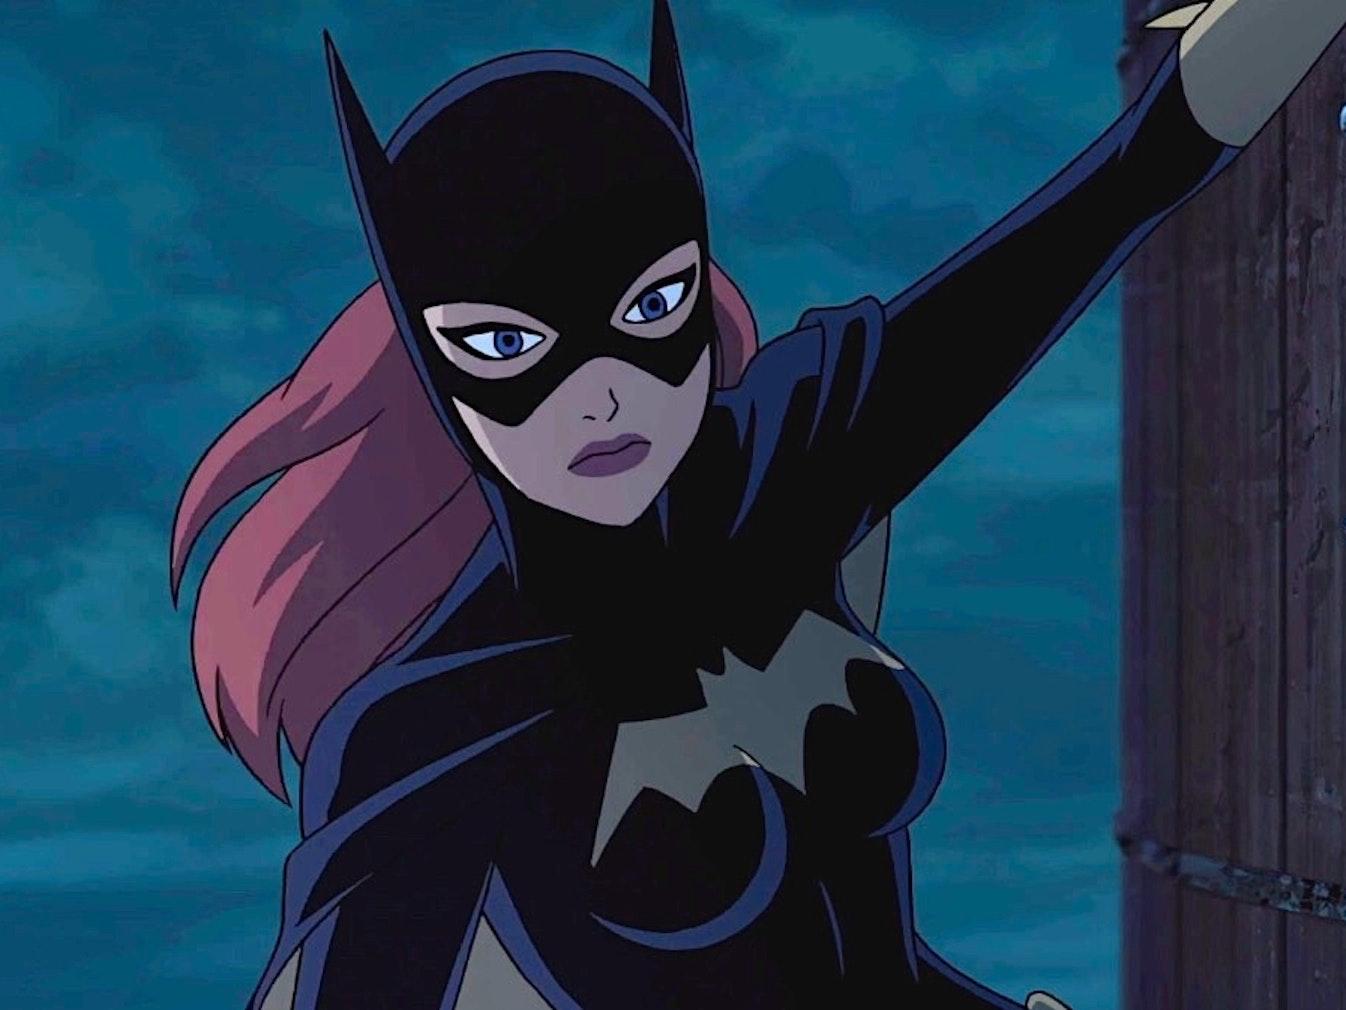 'Killing Joke' Twists Batgirl's Legacy in Batman Sex Scene